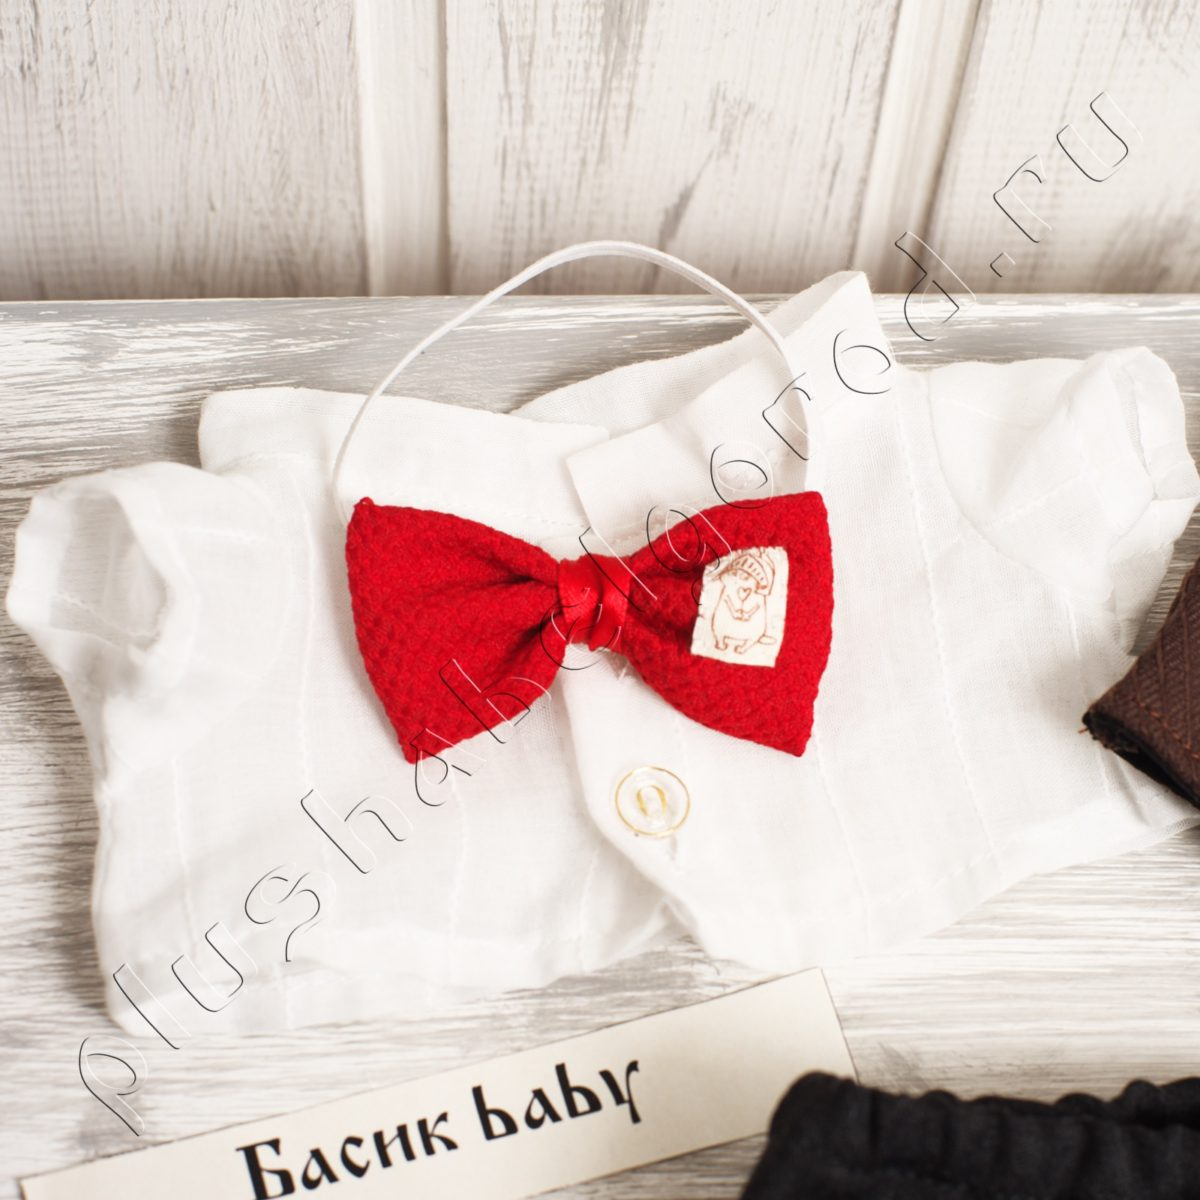 Брюки, рубашка, жилет и в подарок бабочка